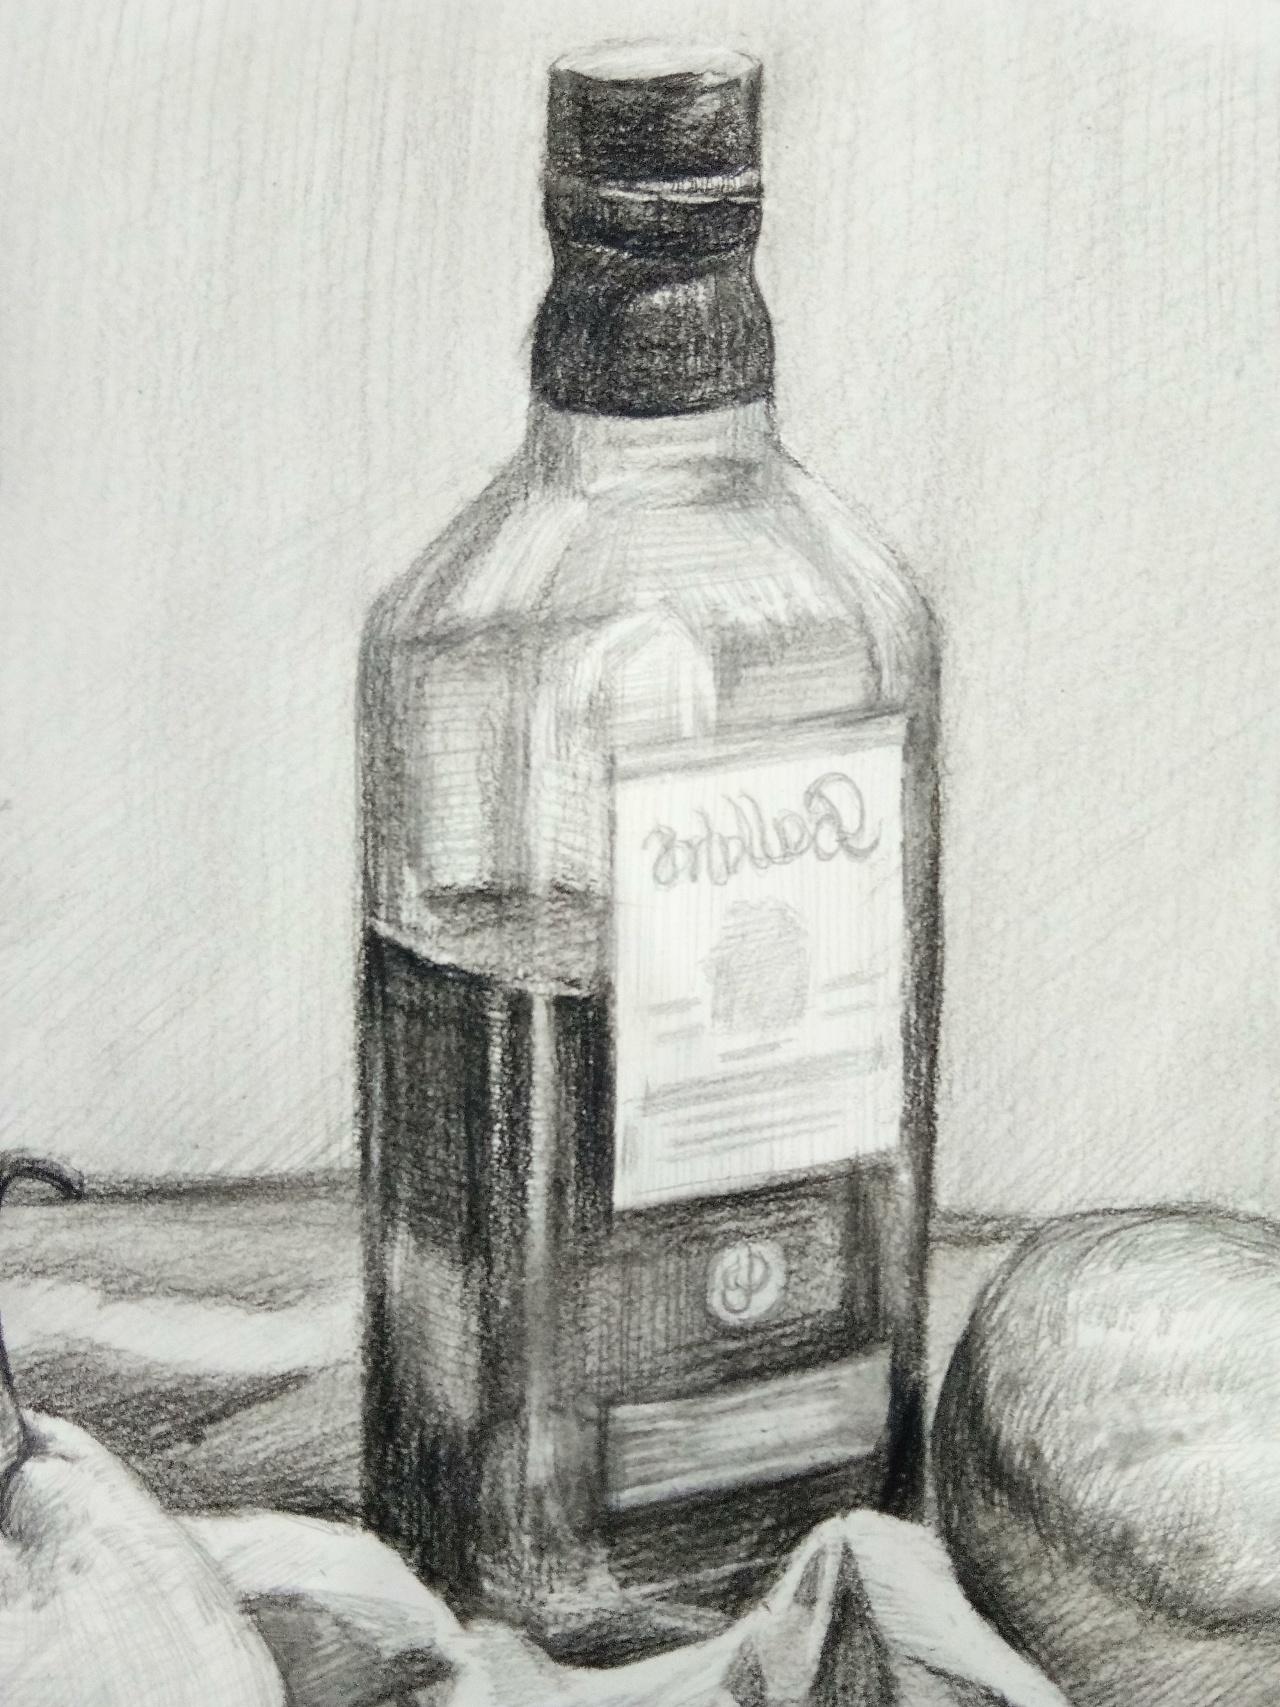 静物素描|纯艺术|素描|芳苹果 - 原创作品 - 站酷图片